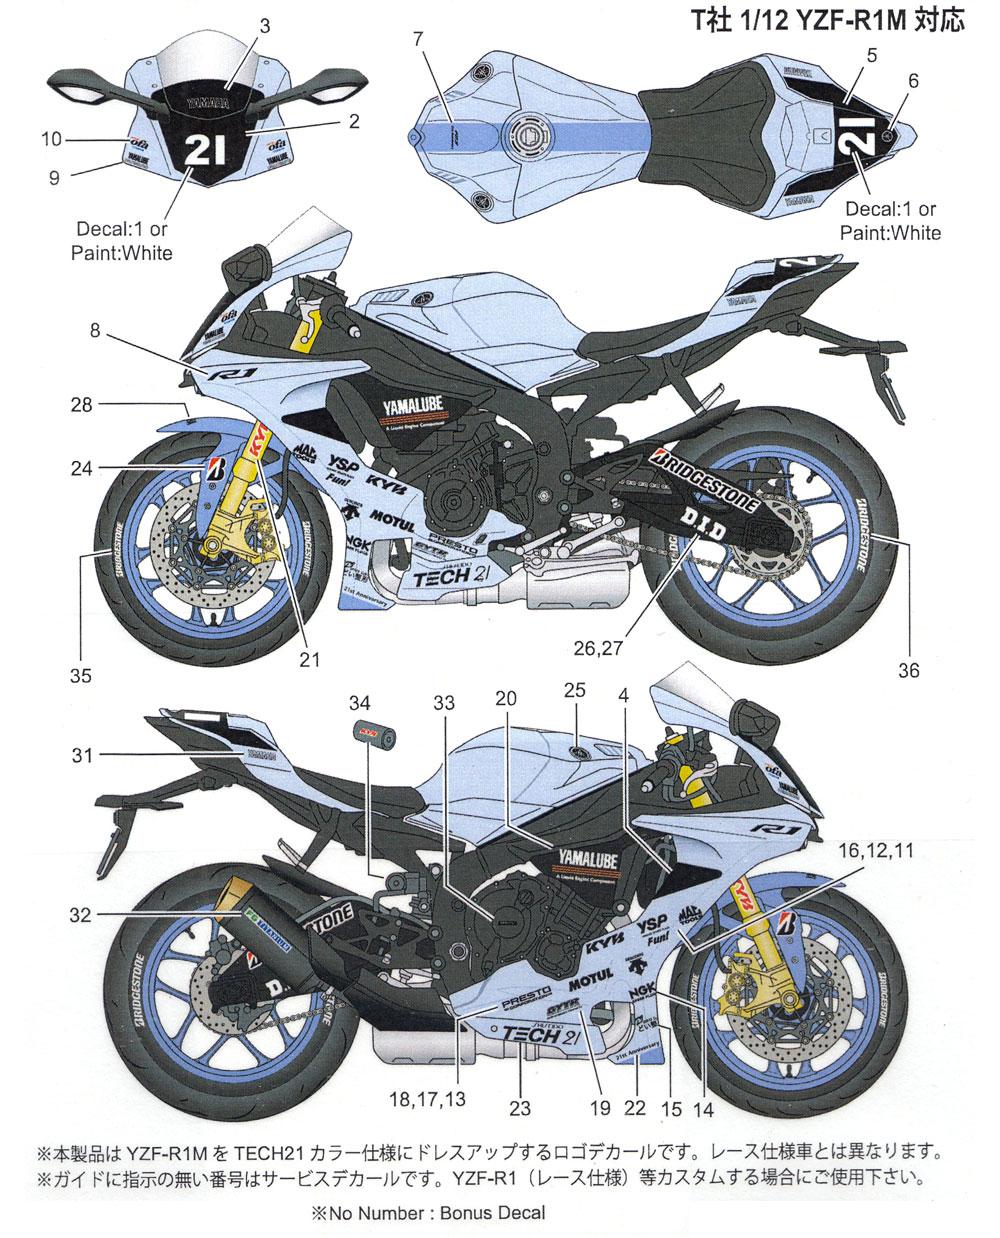 ヤマハ YZF-RM1 TECH21 ドレスアップデカールデカール(スタジオ27バイク オリジナルデカールNo.DC1224)商品画像_1